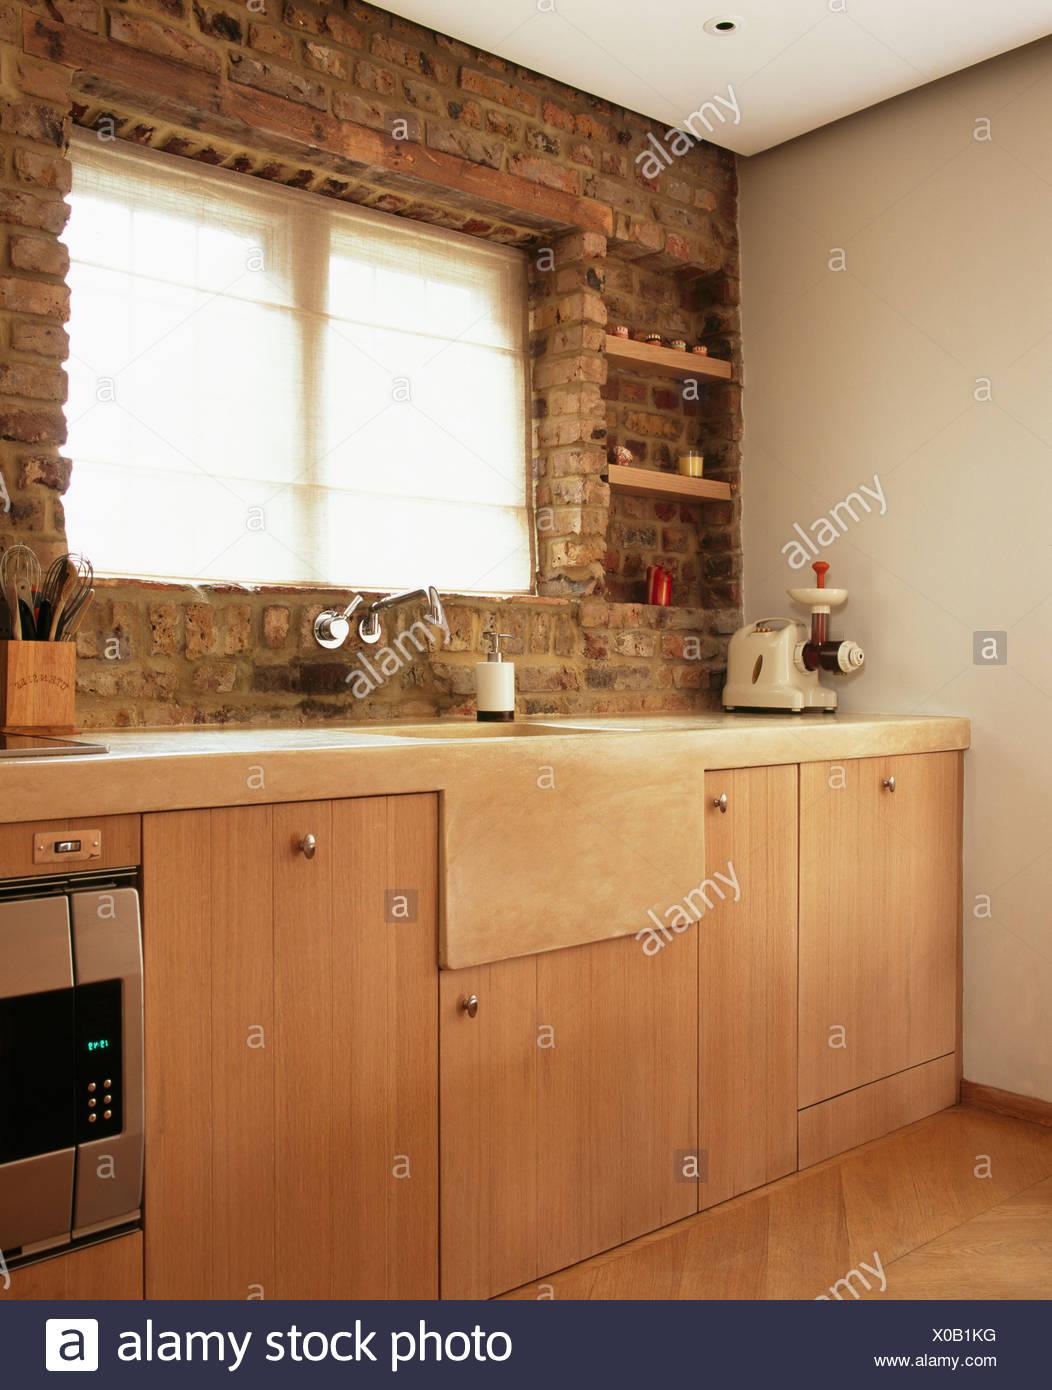 dans la fen tre ci dessous vier en pierre mur en briques apparentes dans les pays modernes avec. Black Bedroom Furniture Sets. Home Design Ideas